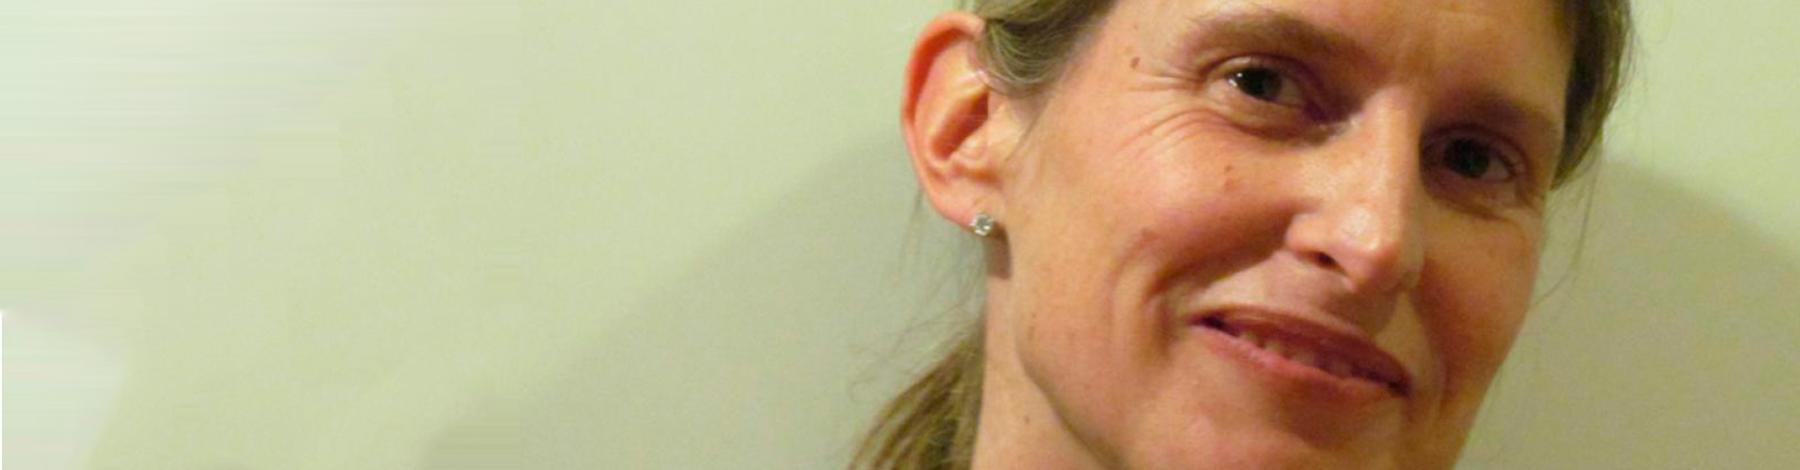 Anja Linhart: Bildung als Motor der Gesellschaft